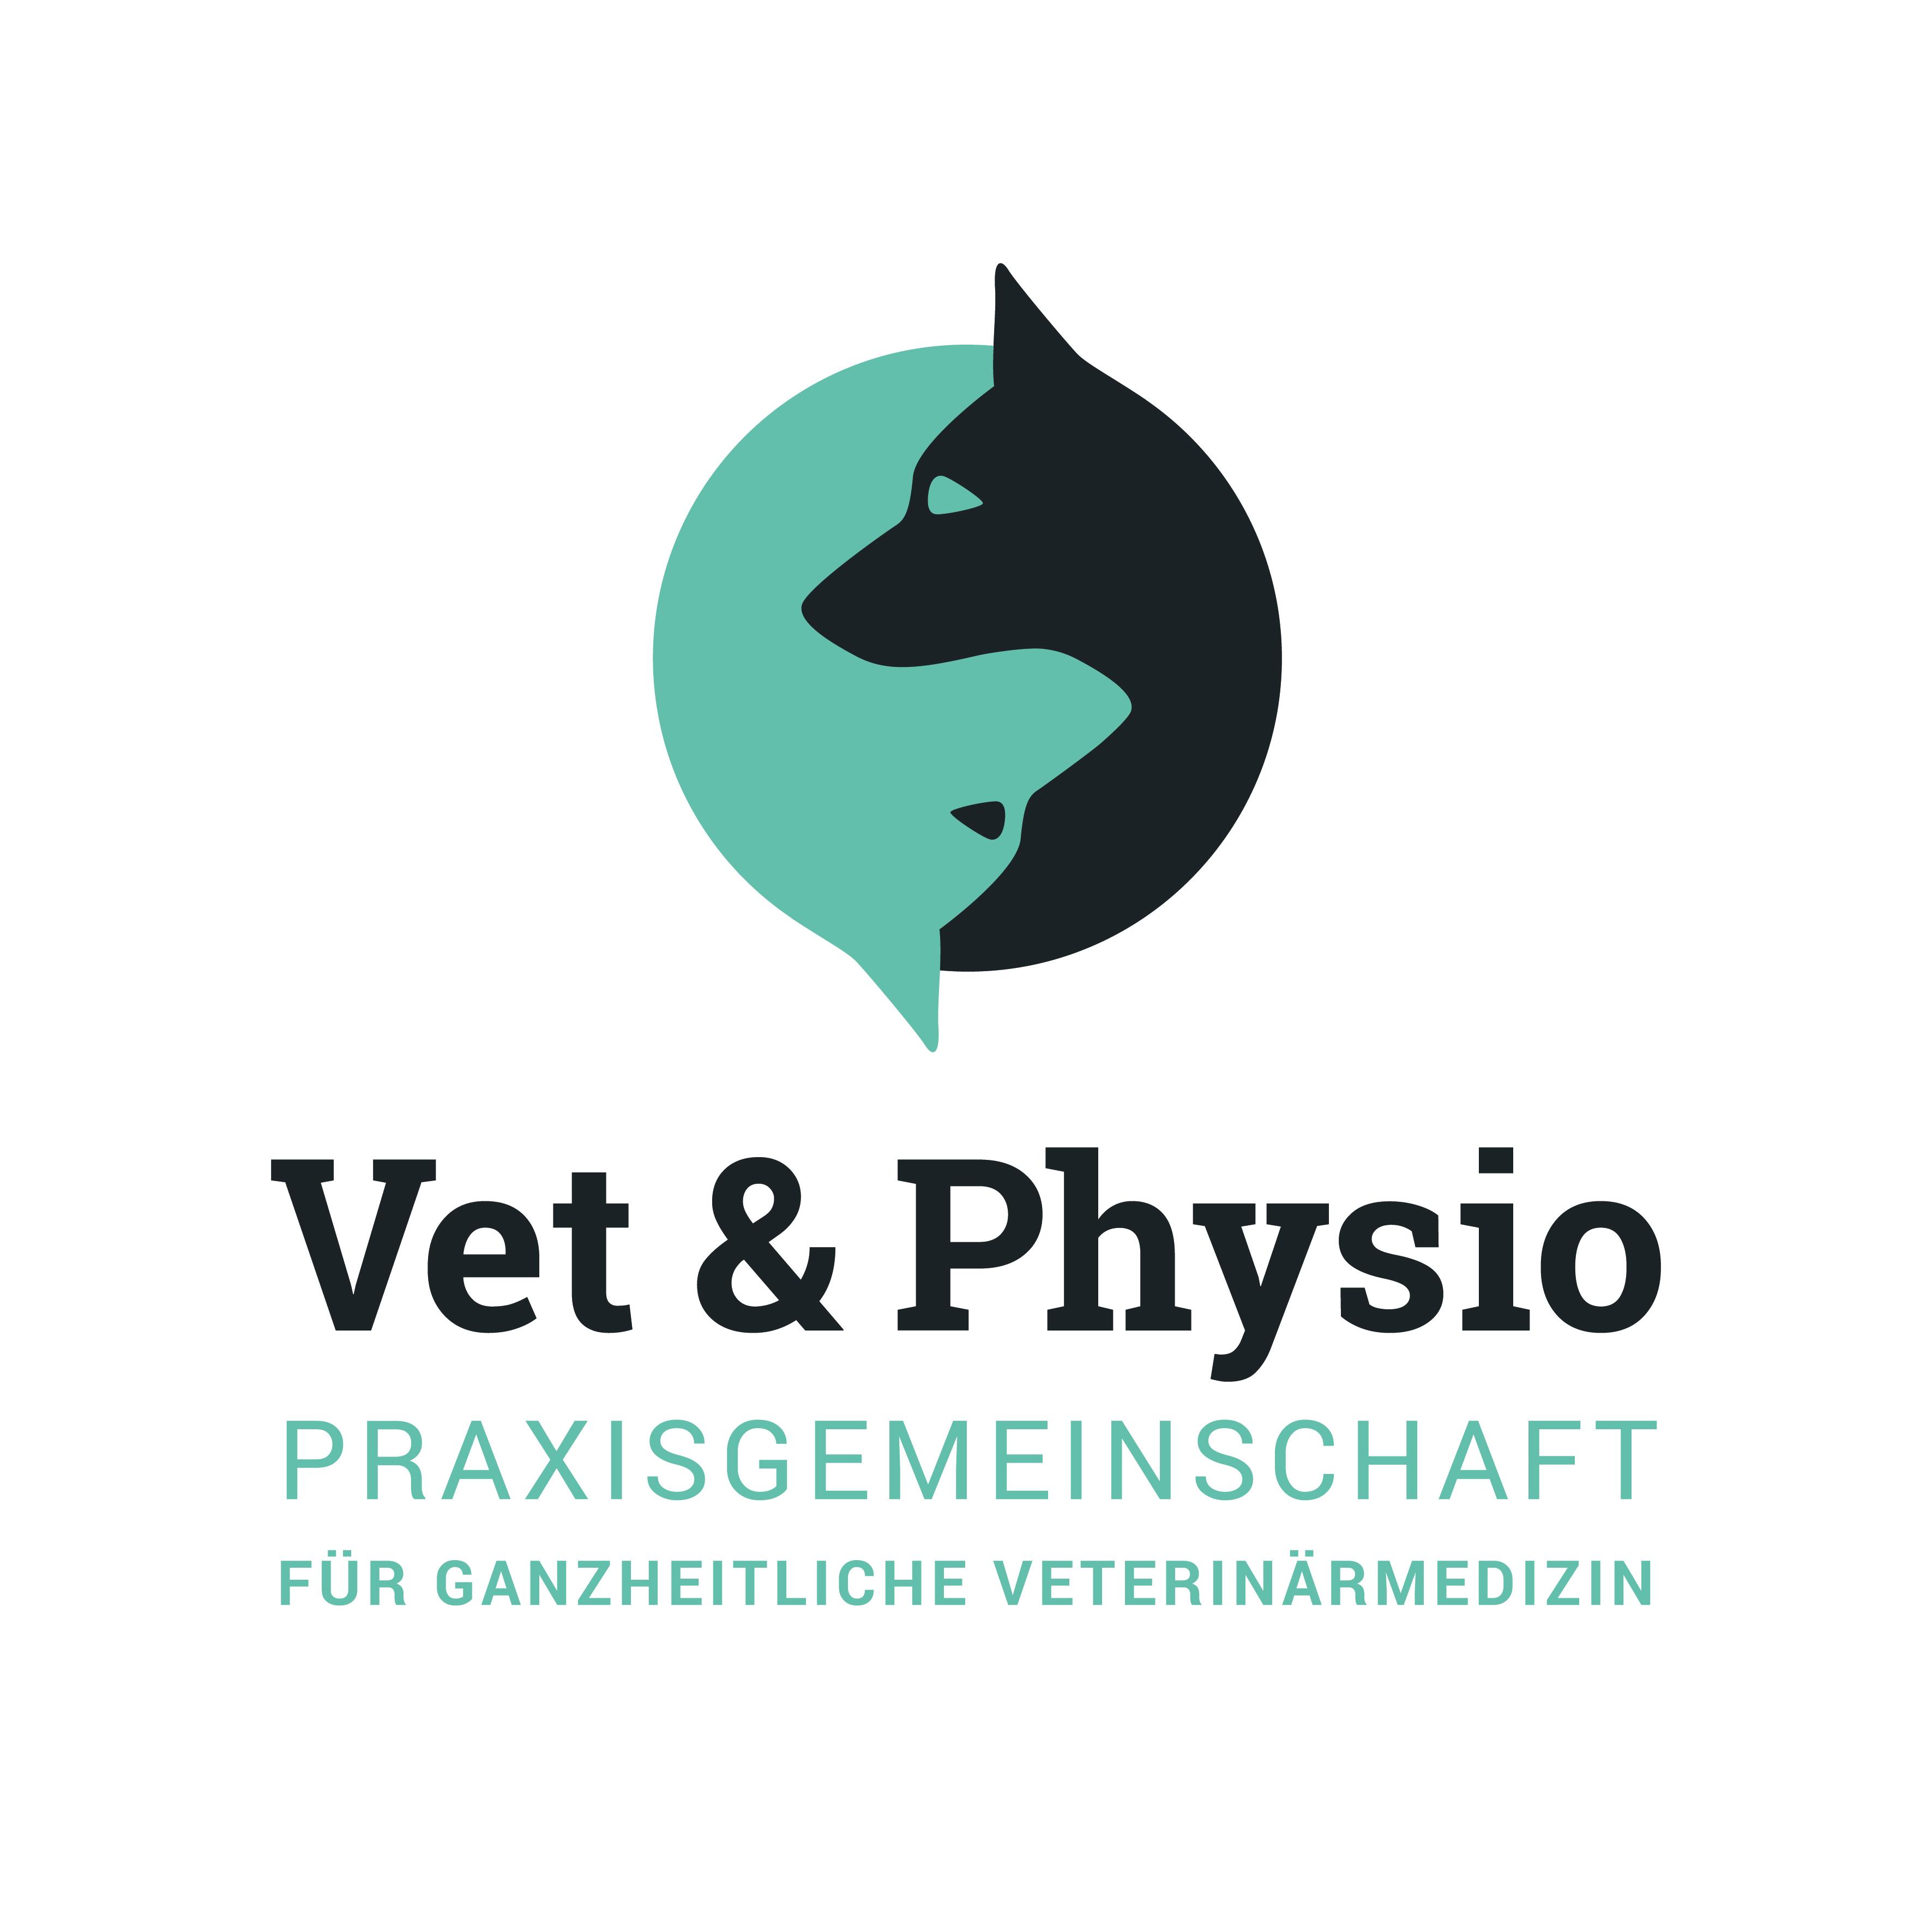 vetphysio-logo-300dpi